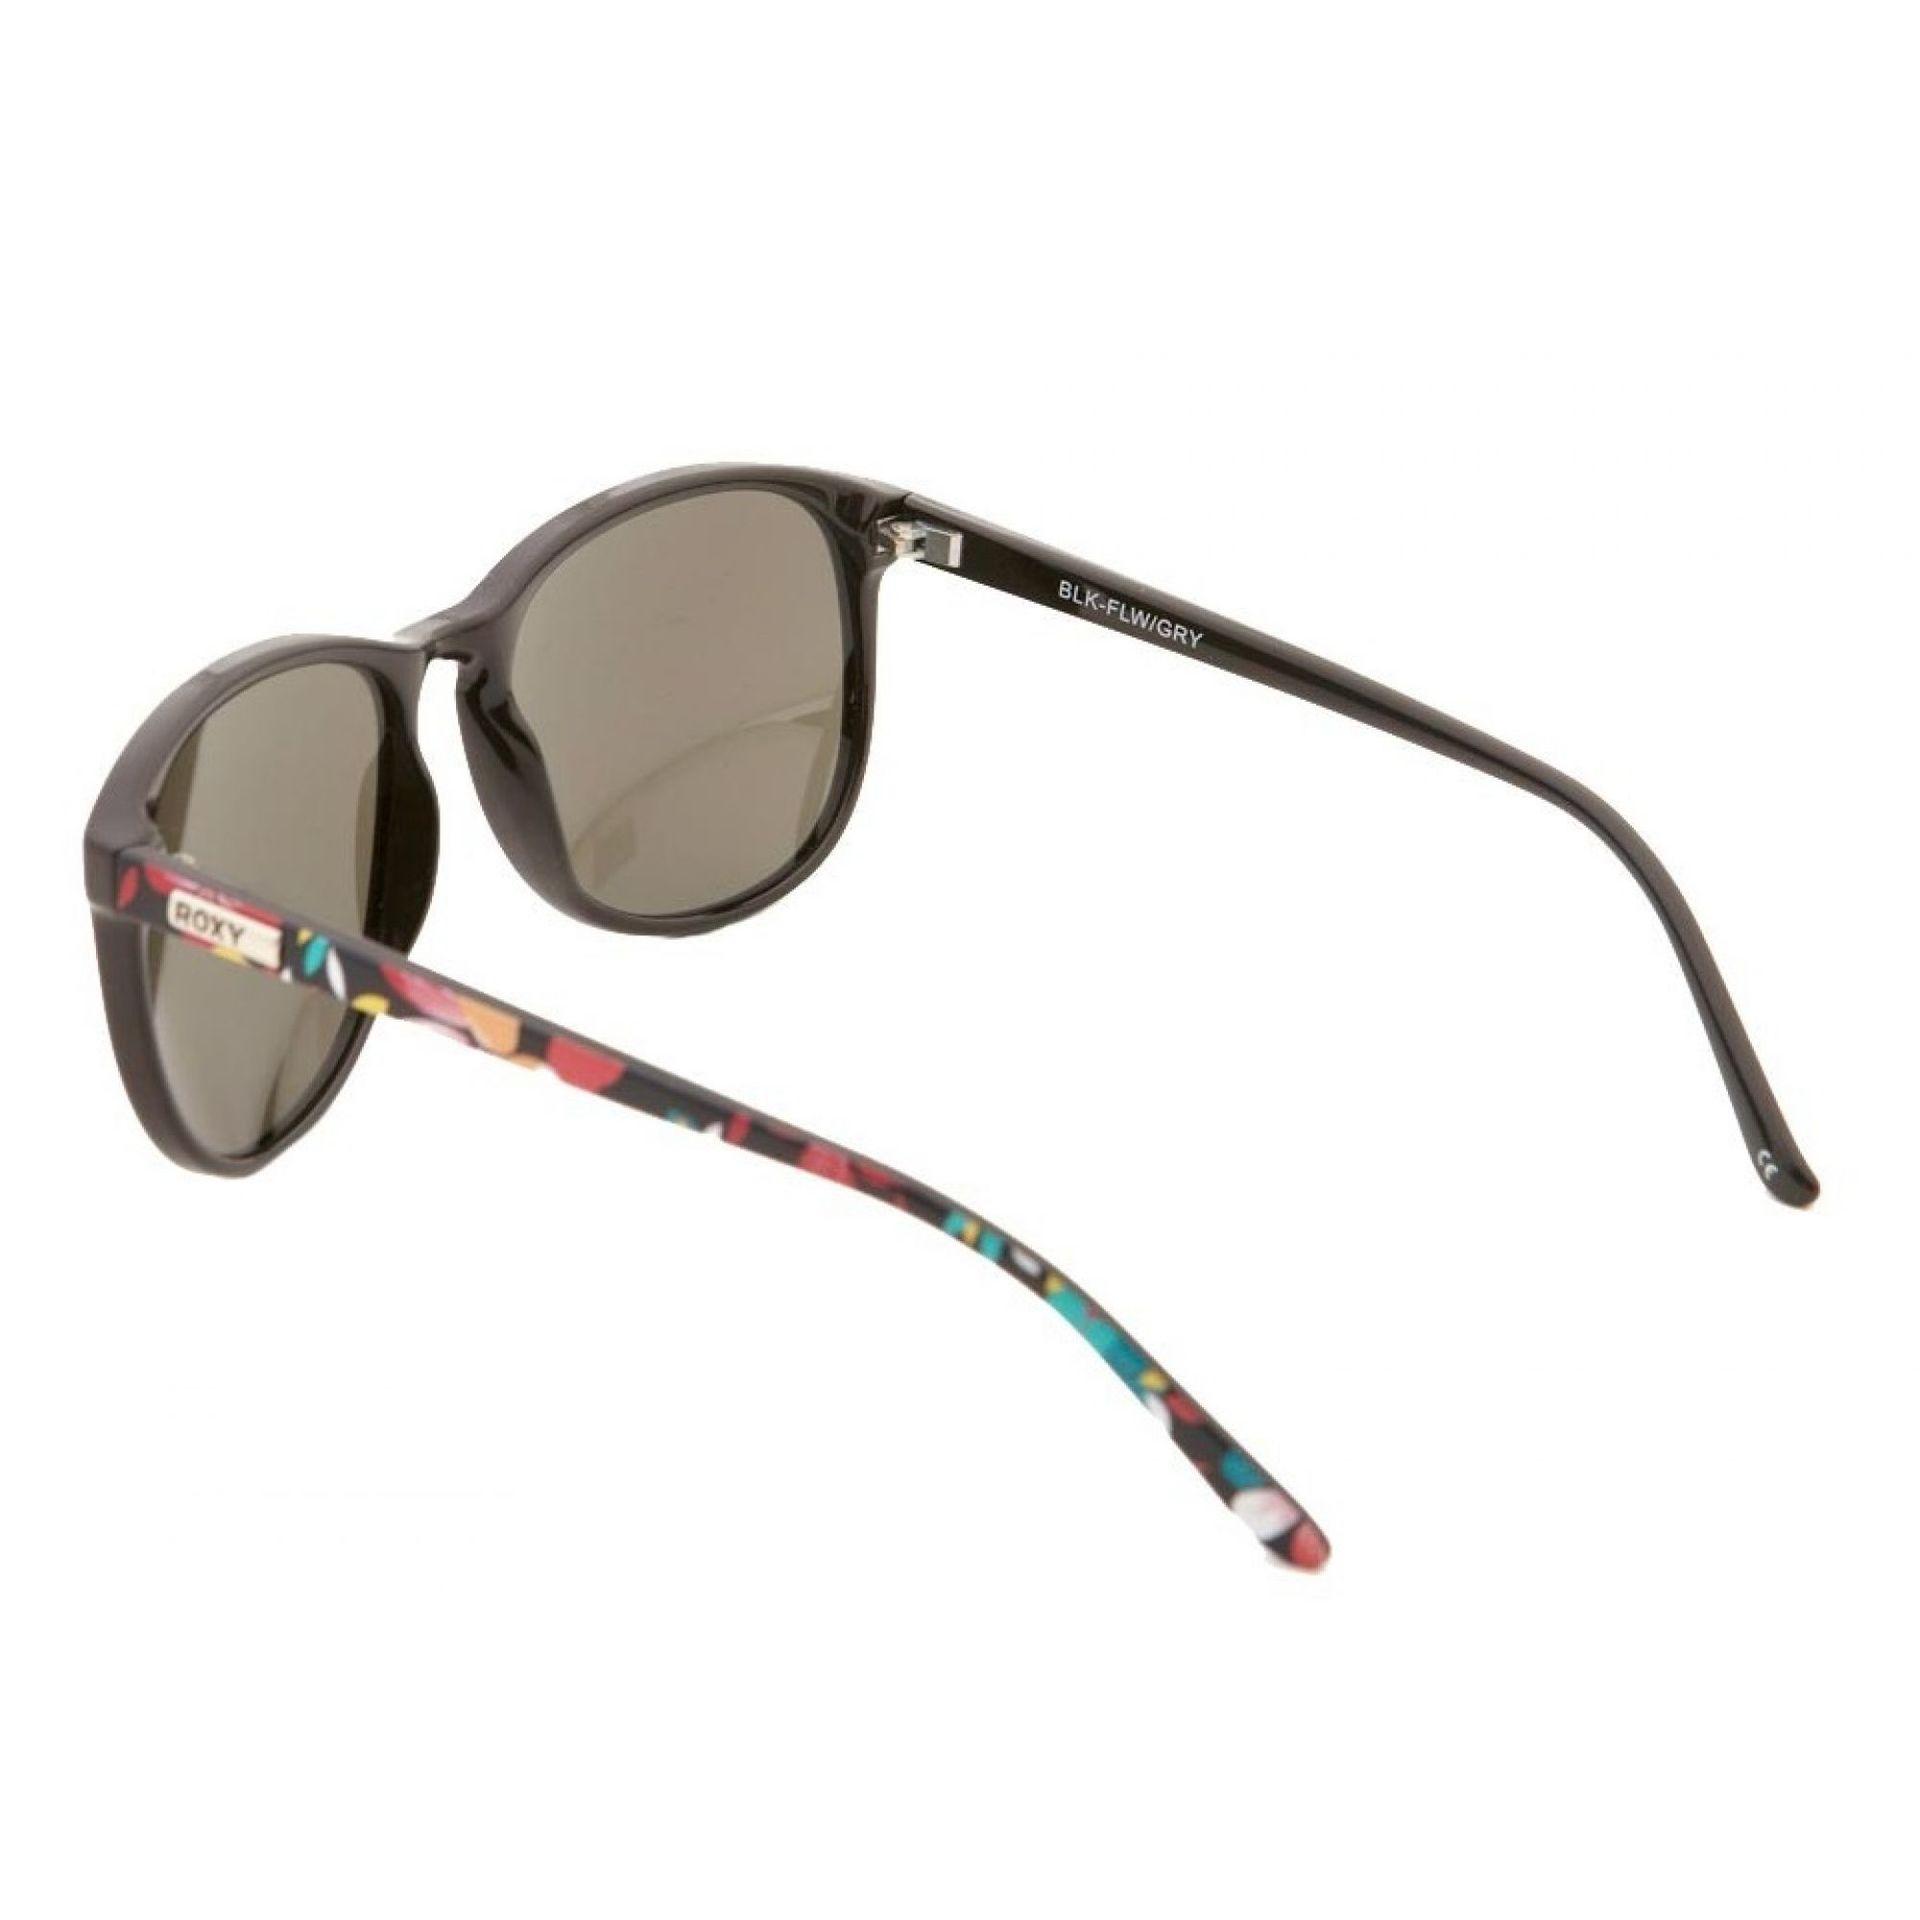 Okulary Roxy Josephine widok z tylu czarny